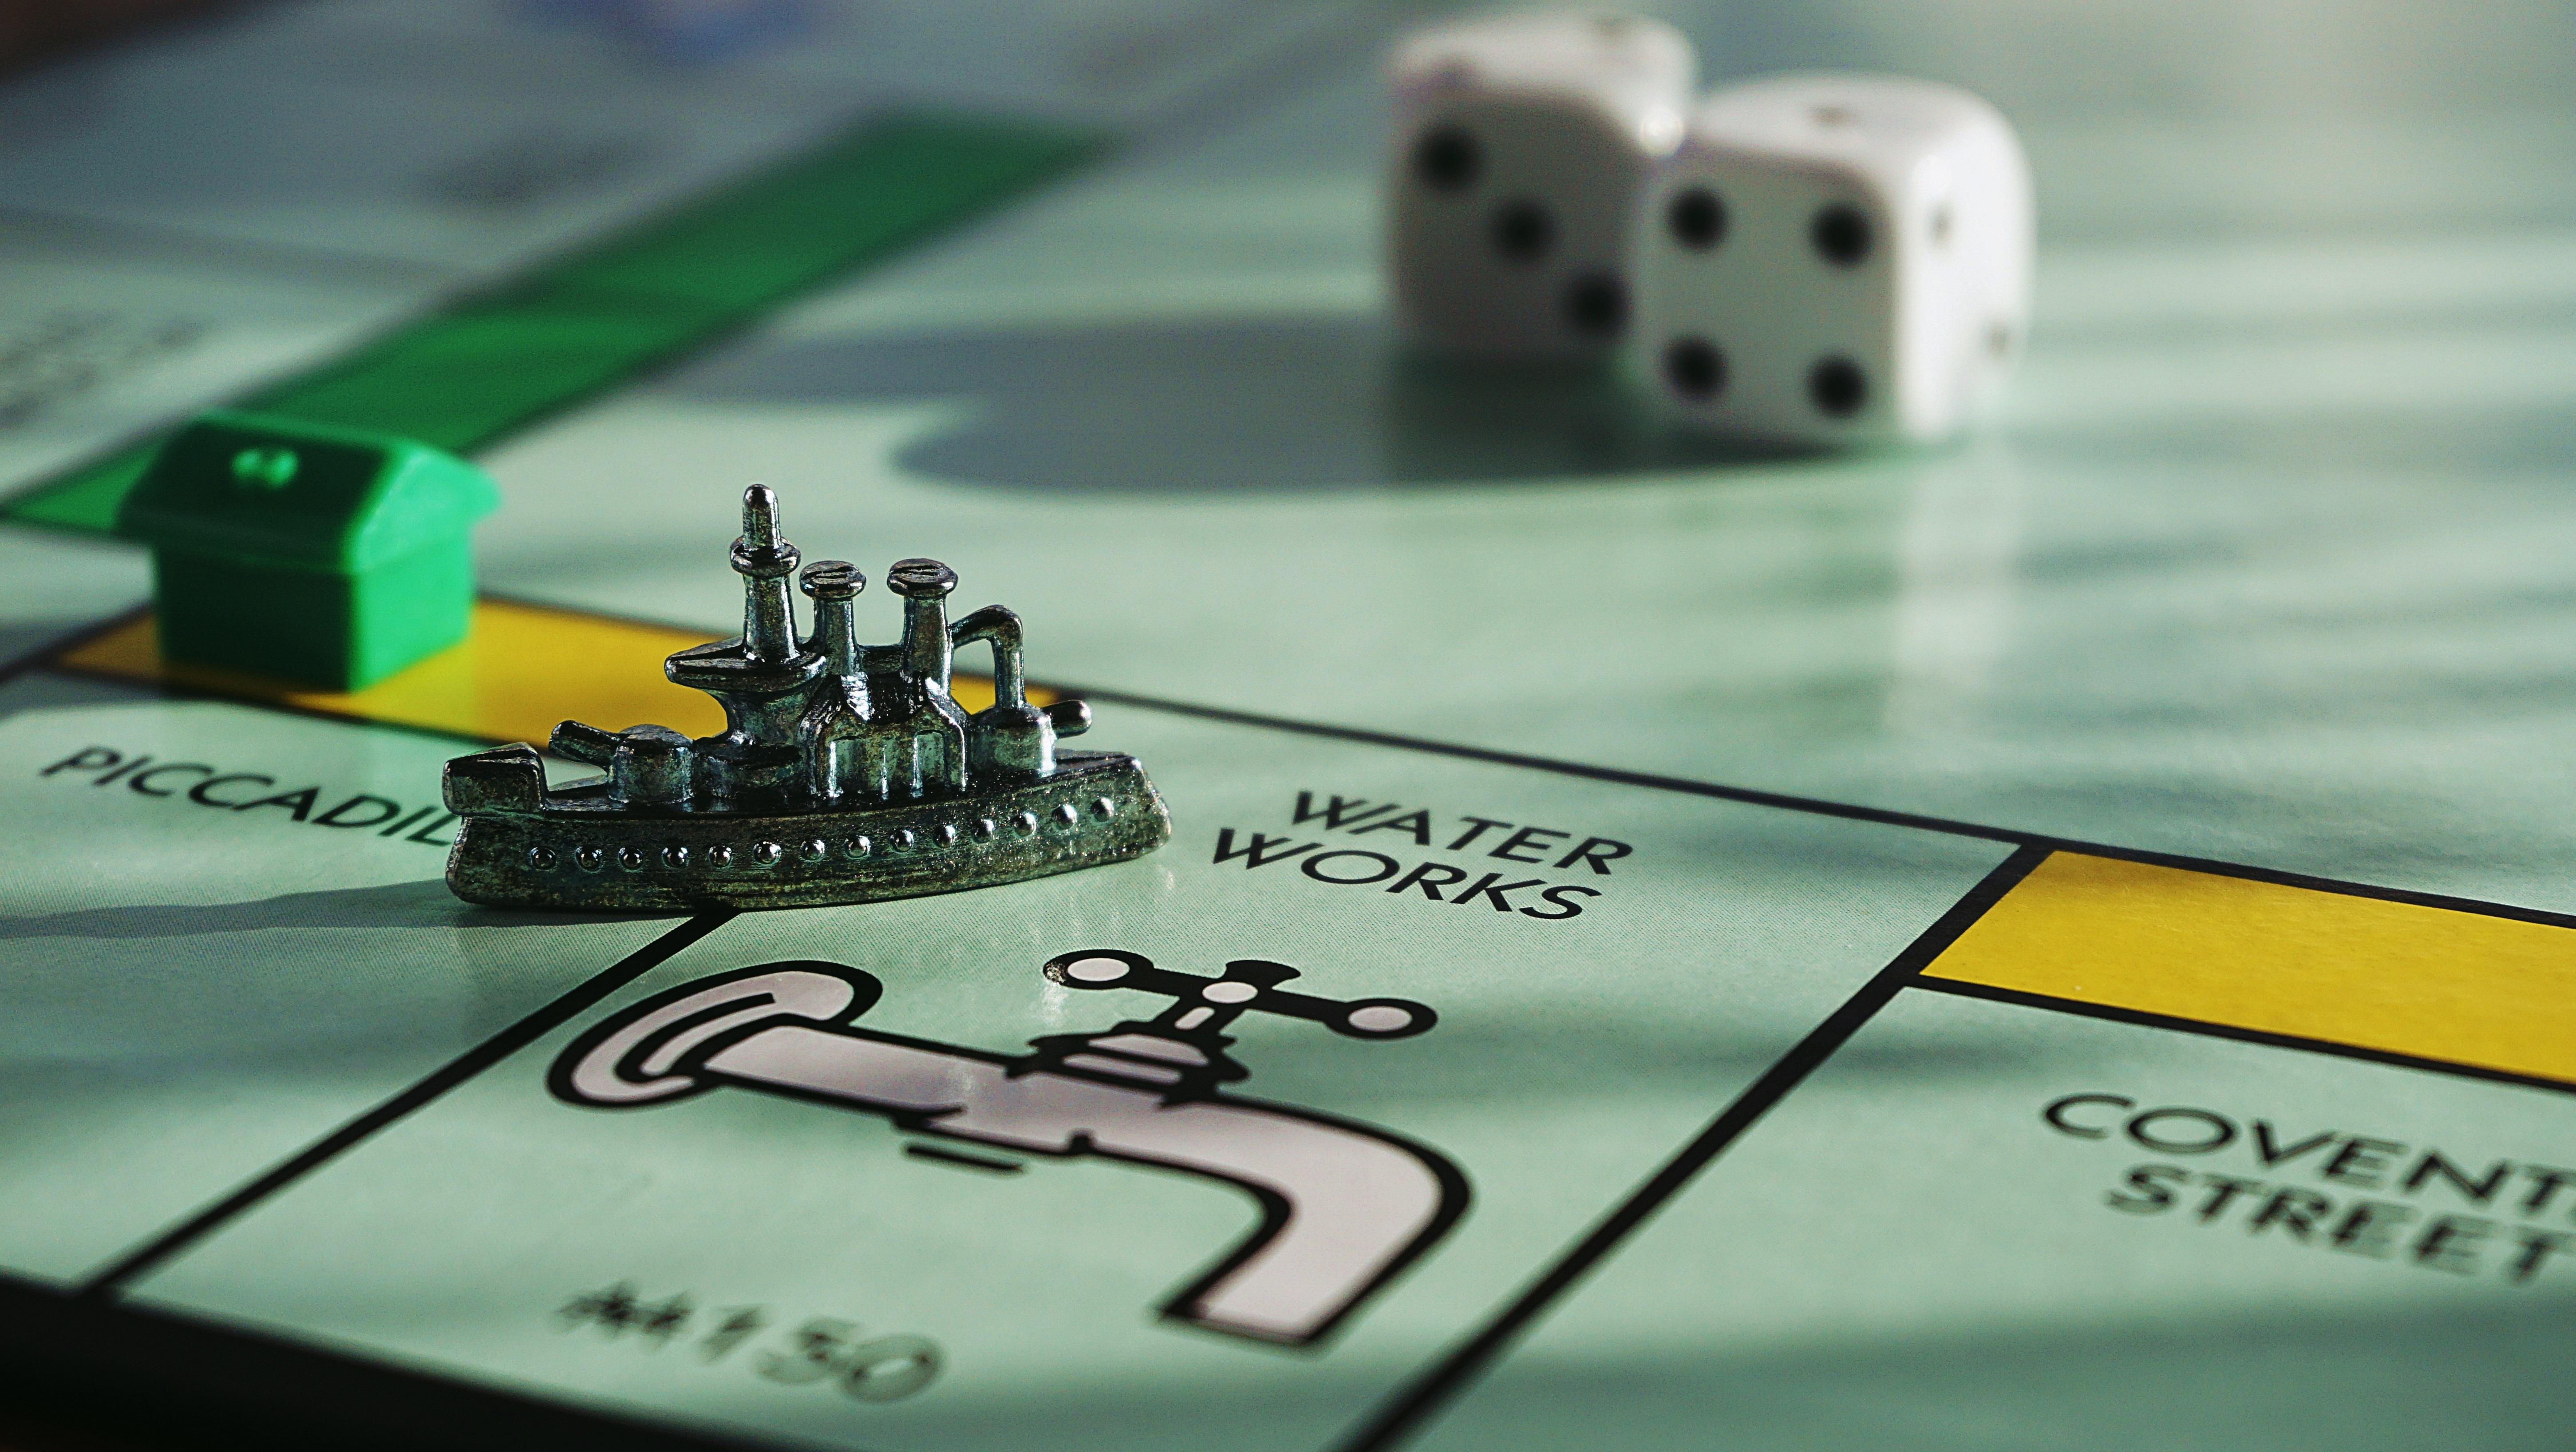 przykład najpopularniejszej z gier ekonomicznych - Monopoly